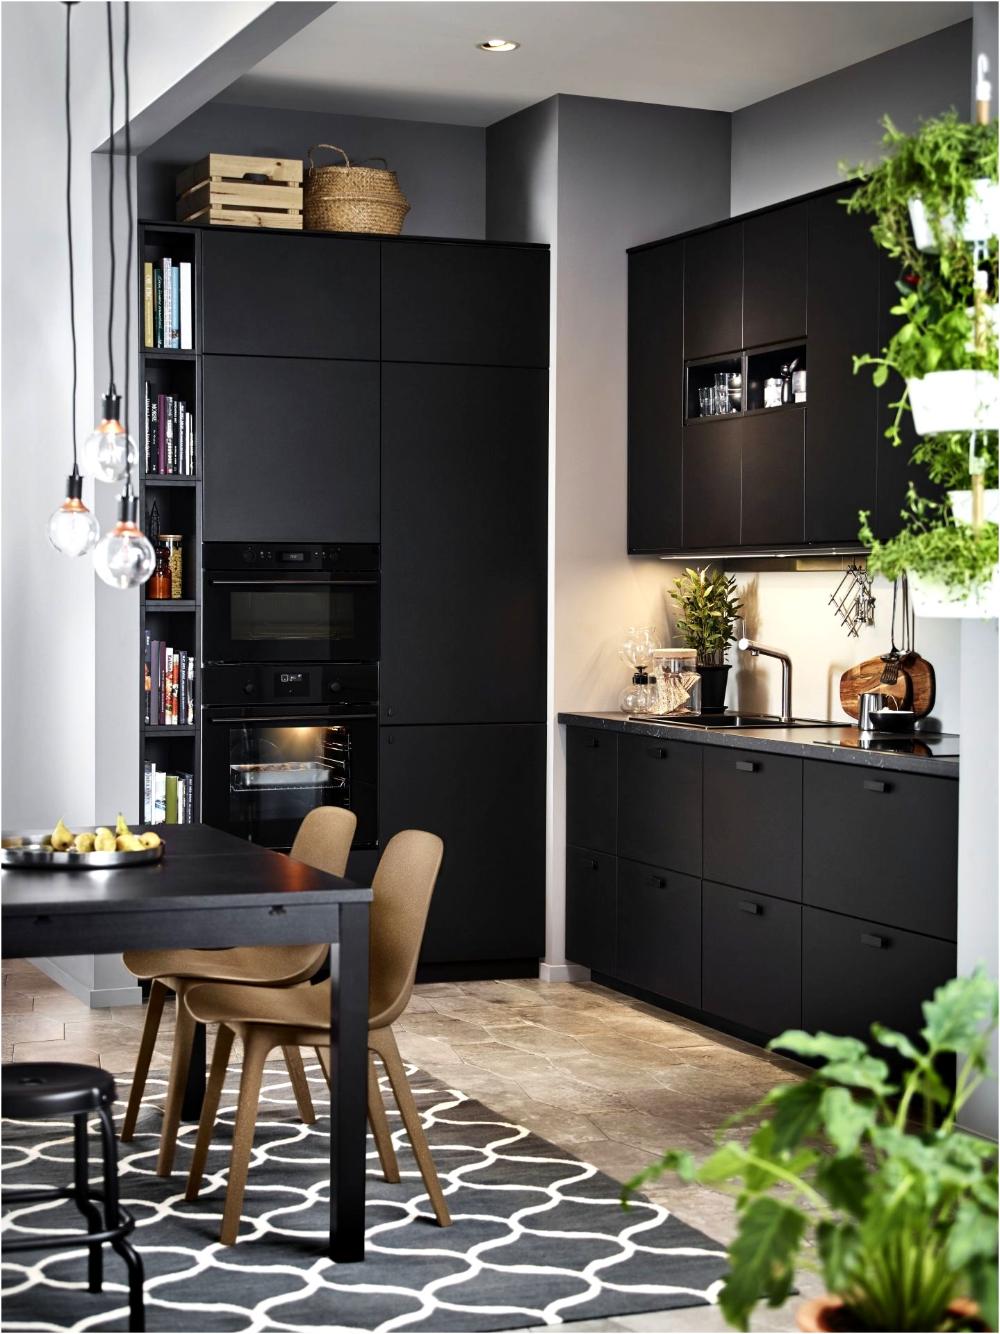 Ikea Keuken Niet Meer Leverbaar In Luxe Voorraden Van Metod Ikea Keuken Keuken Inspiratie Keuken Interieur